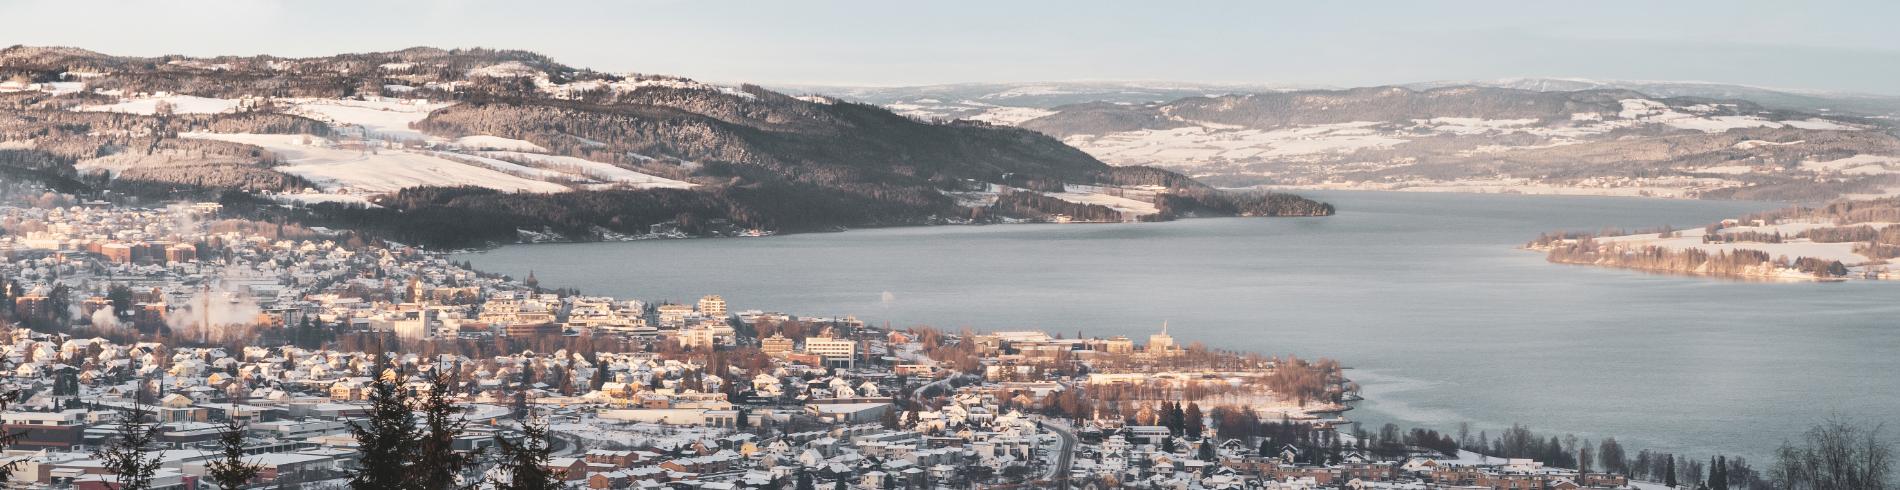 Gjøvik Kommunes bildebank cover image